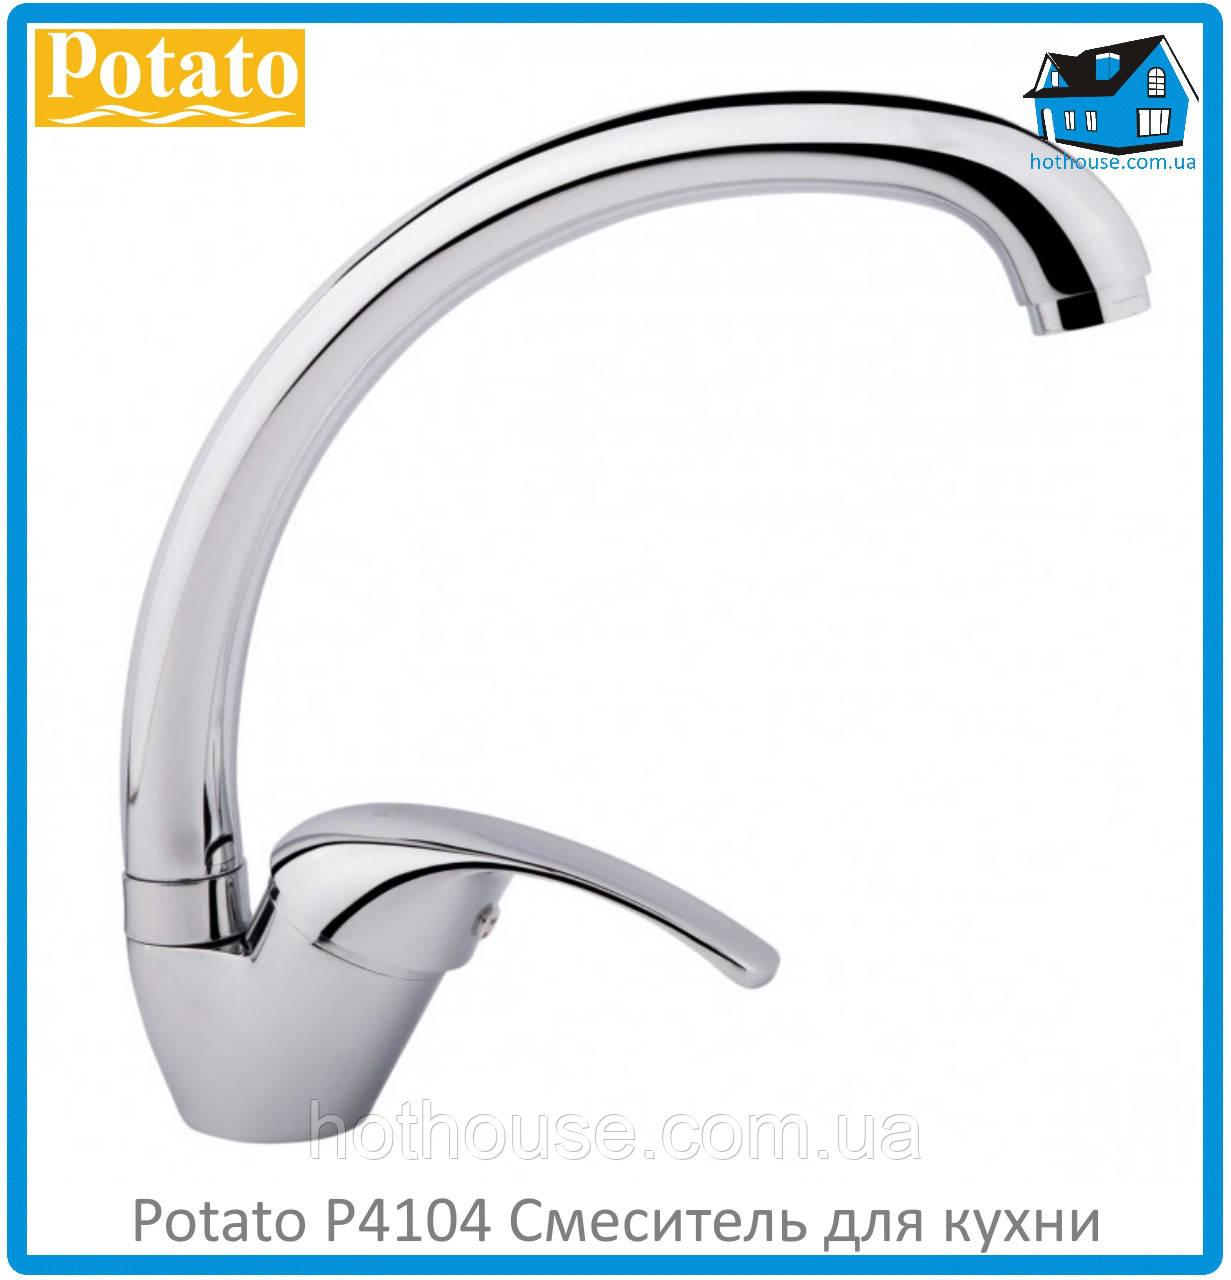 Смеситель для кухни Potato P4104